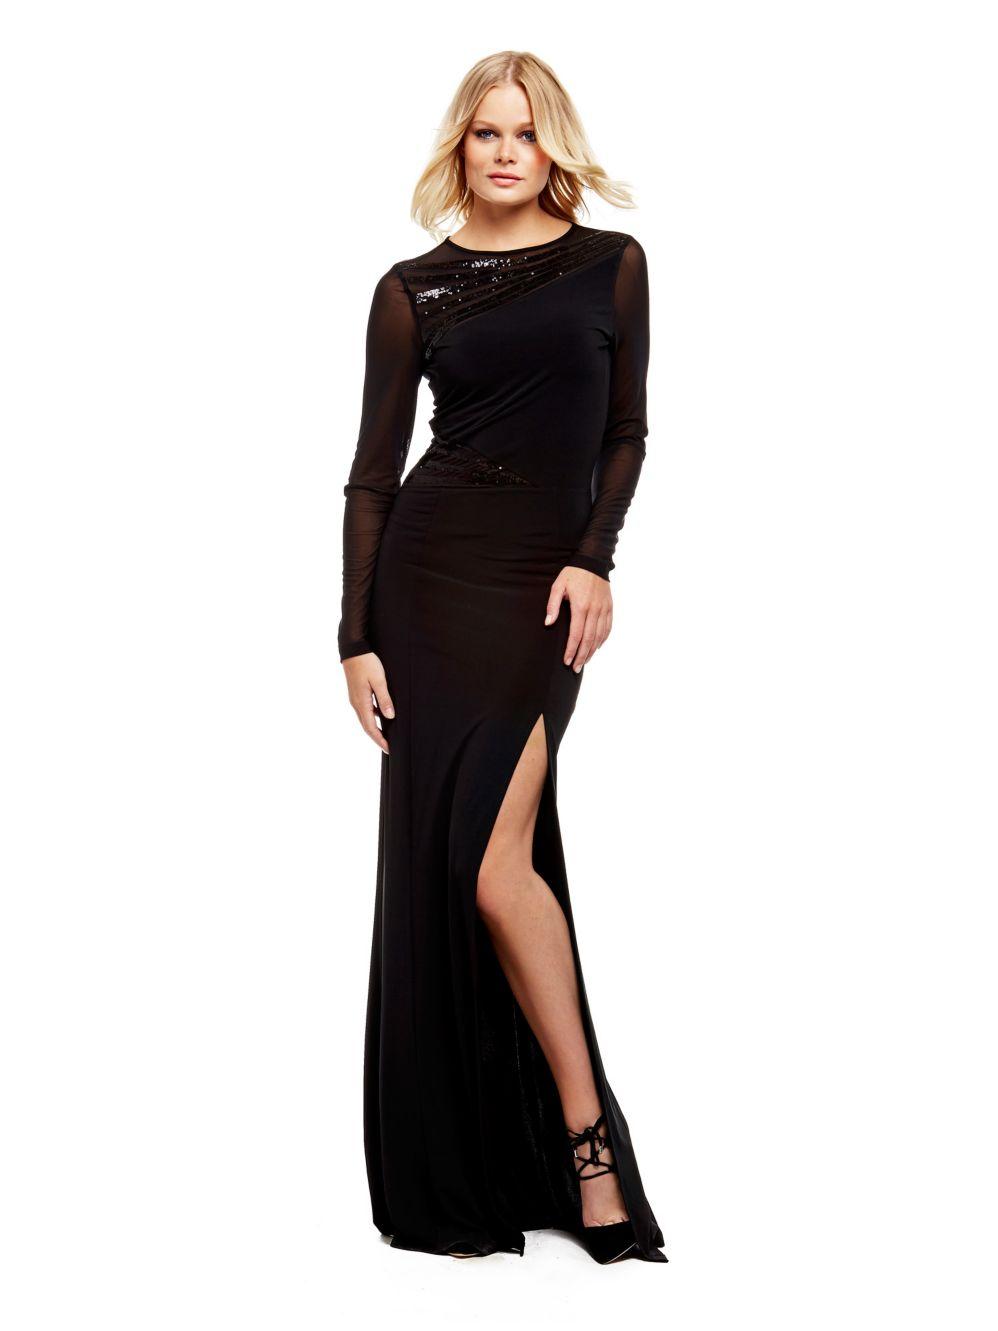 nouveaux prix plus bas livraison rapide styles classiques robe longue guess noire marciano voile transparence et ...